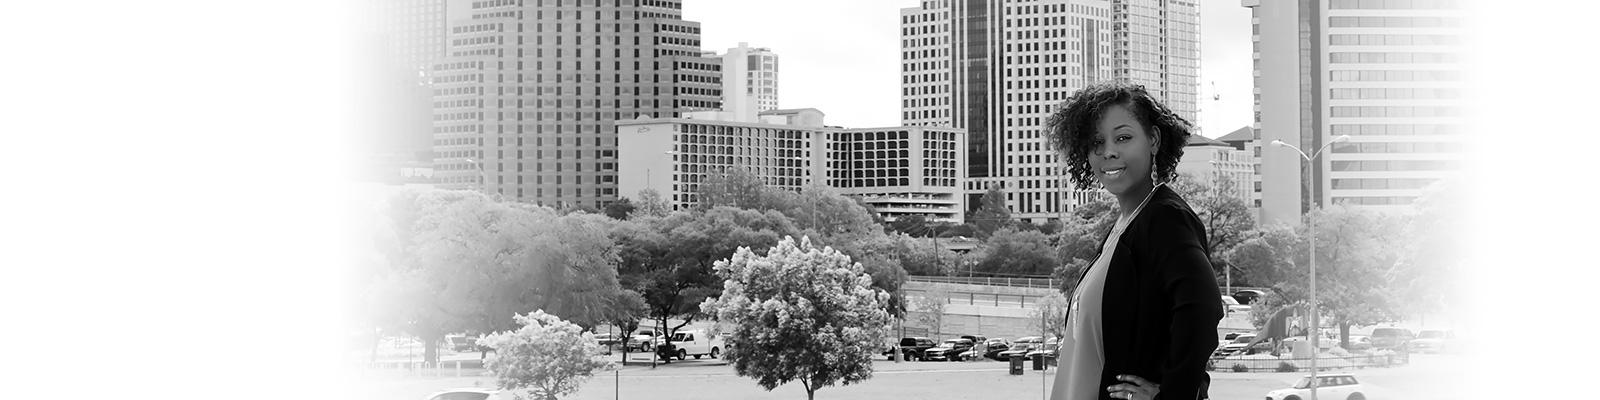 テキサス オースティン ビルディング イメージ